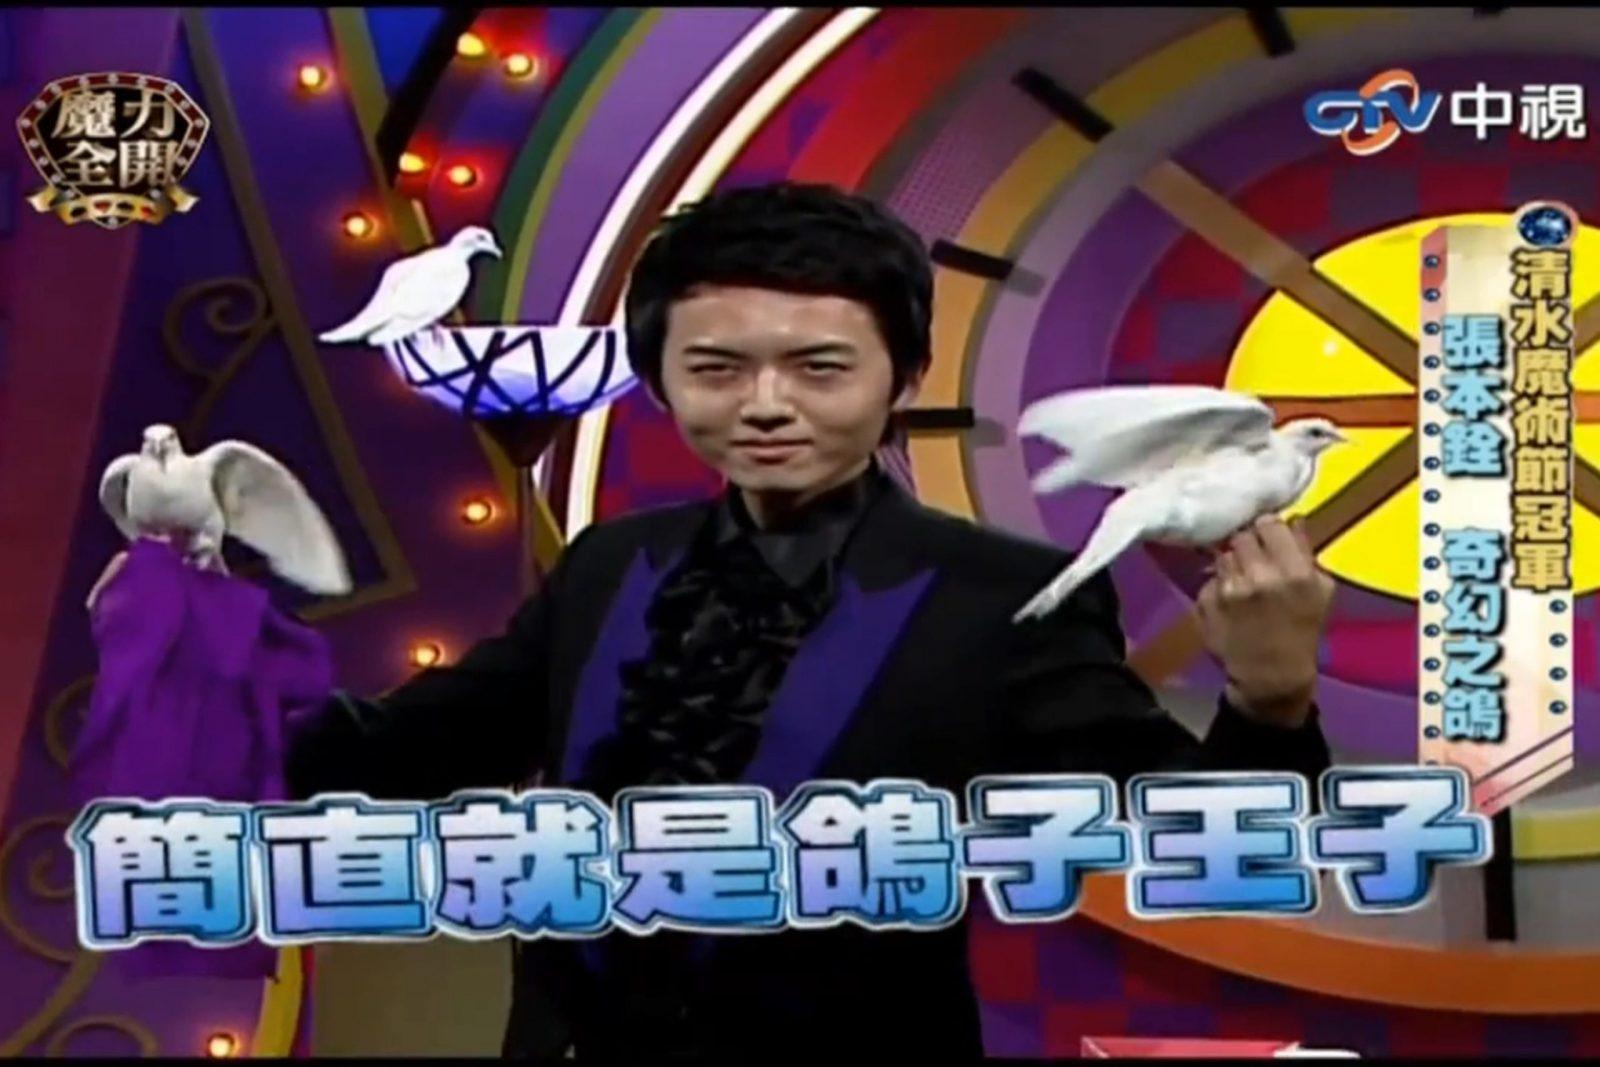 電視媒體經歷 | 藍羽毛魔術娛樂 | 魔術表演 | 尾牙表演 | 節慶活動 | 手影 | 手影表演 | 魔術師 | 客製化魔術表演 |